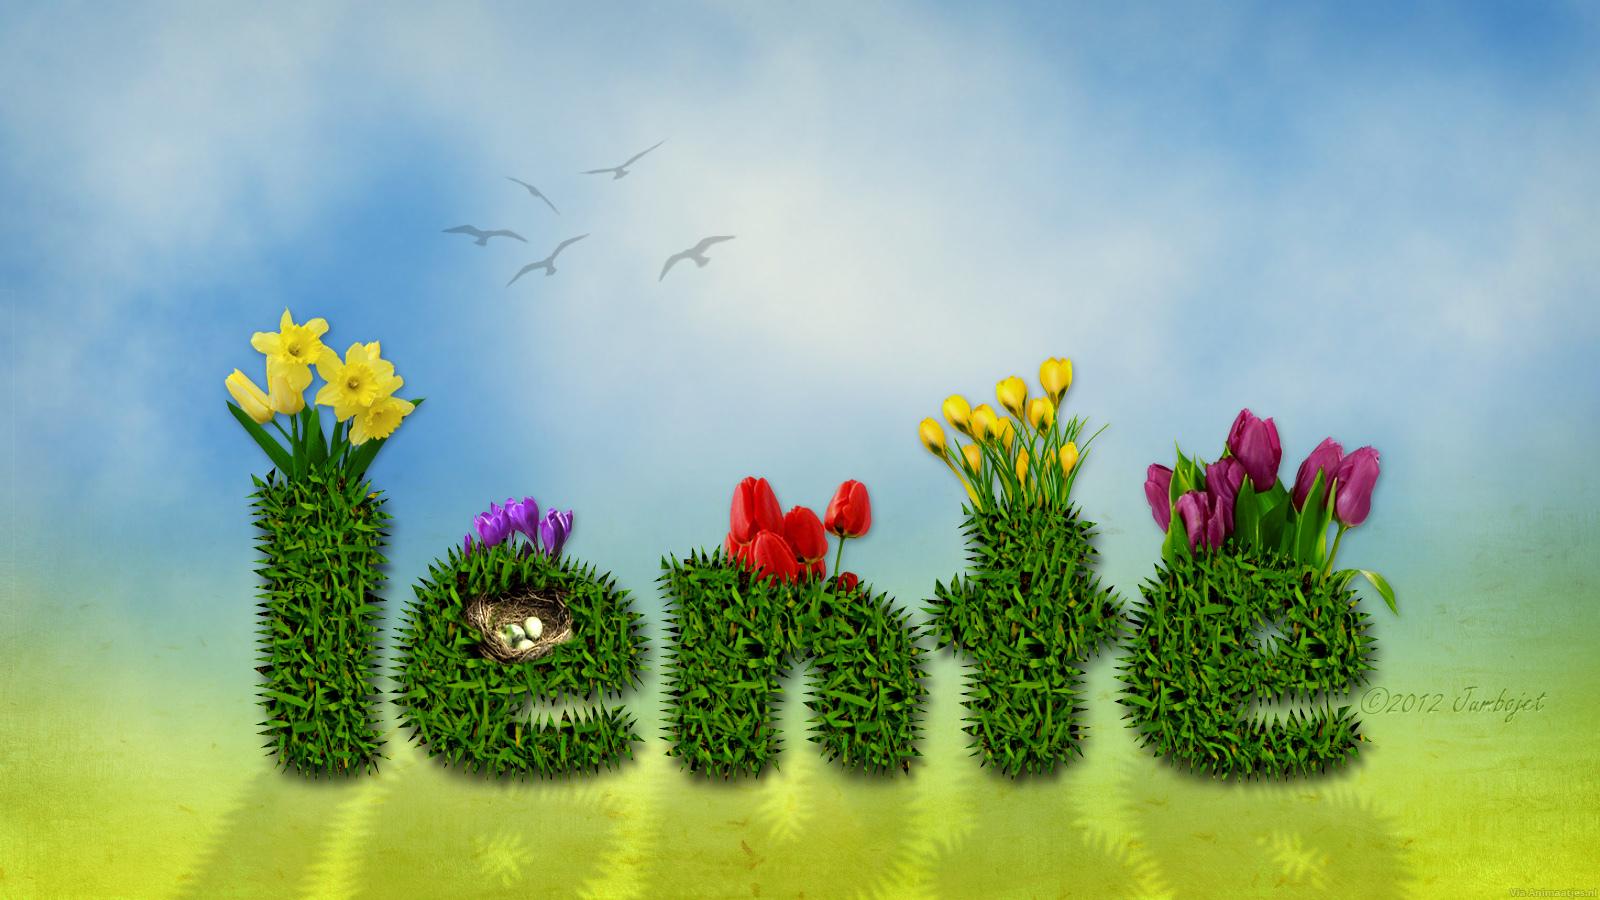 Afbeeldingsresultaat voor afbeelding lente